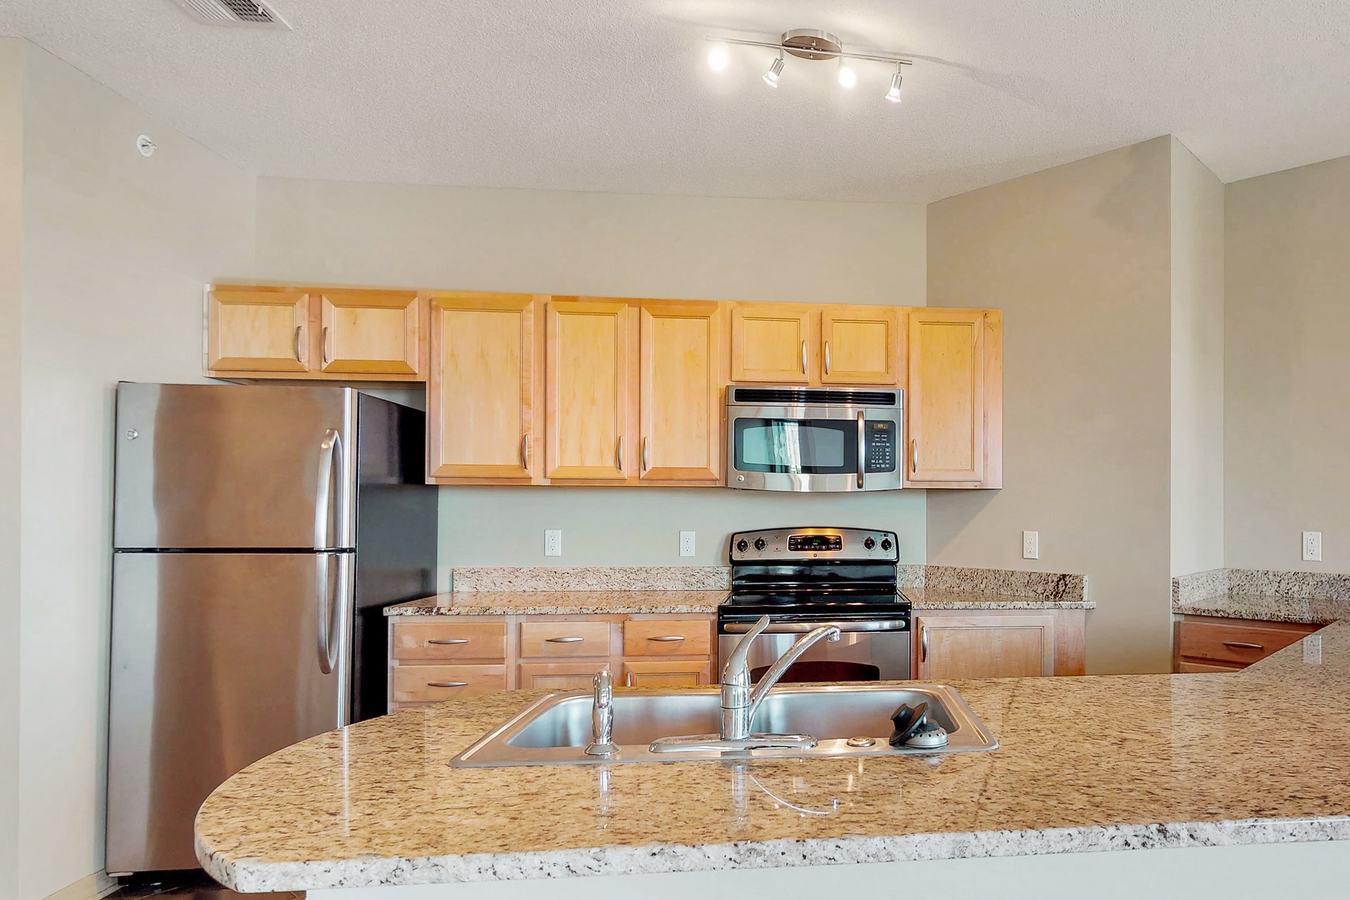 L14 Flats Apartments Omaha, NE